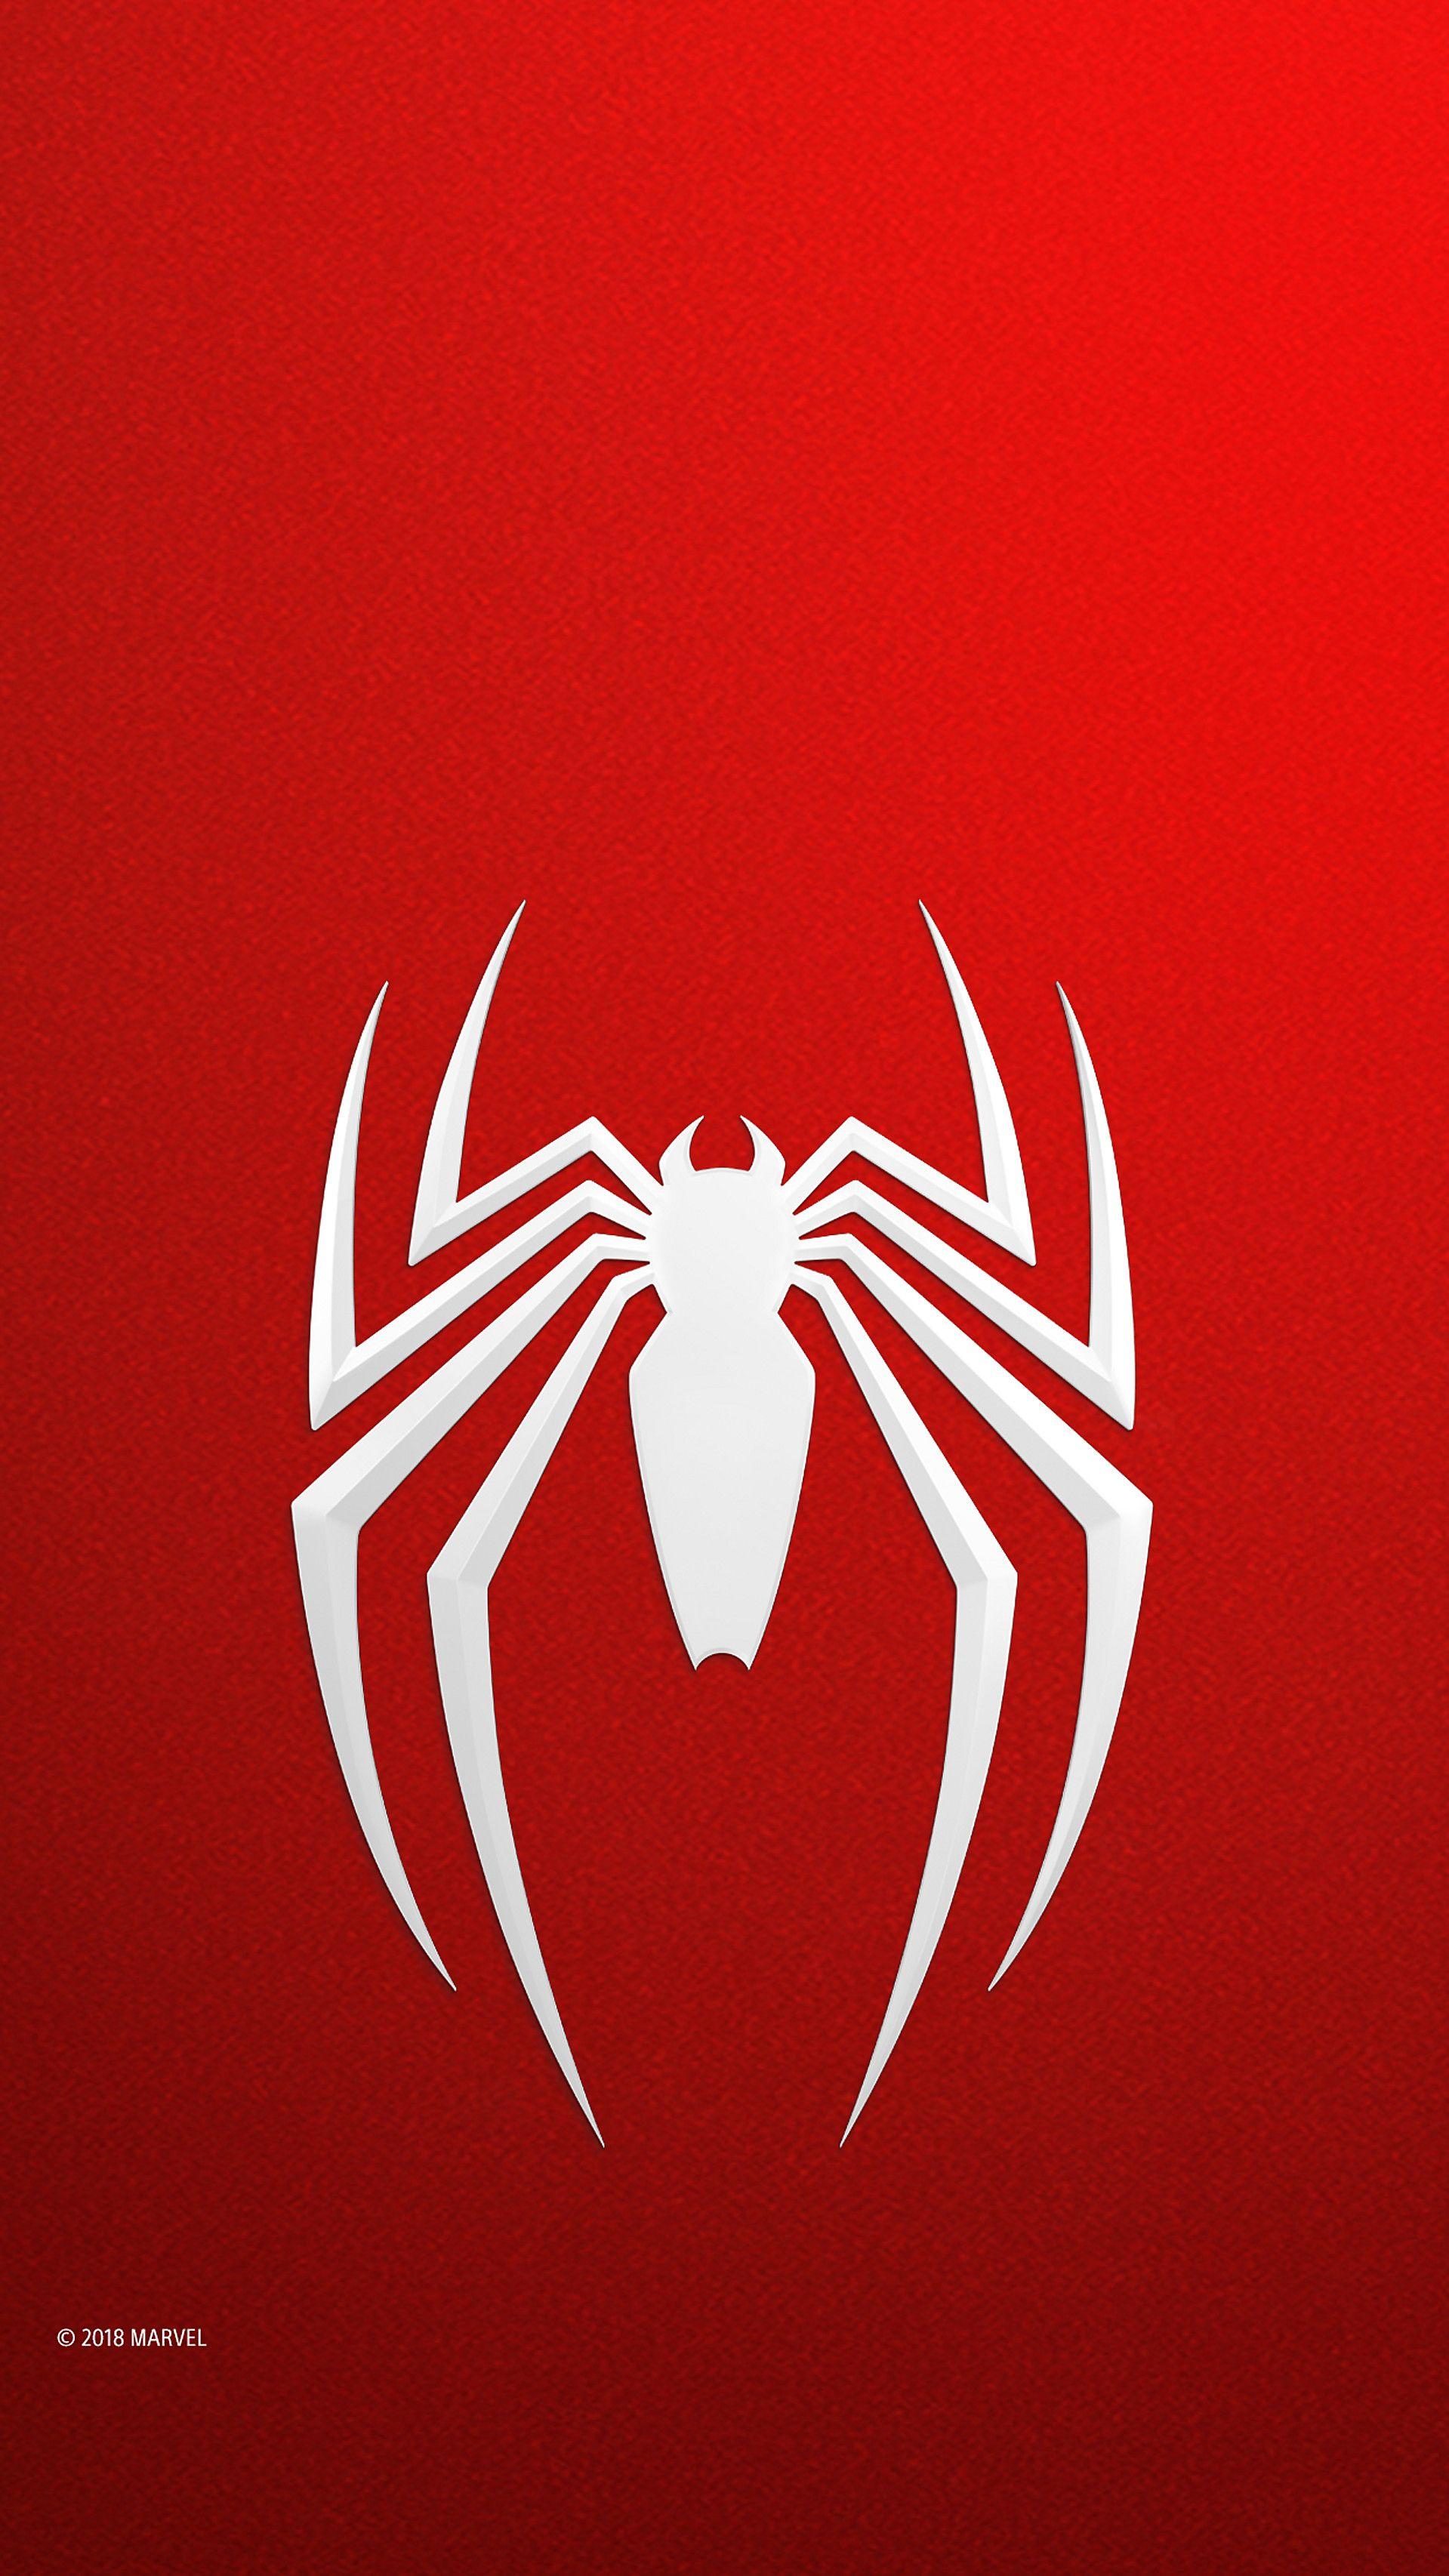 Spiderman Hombre Arana Comic Fondo De Pantalla De Iron Man